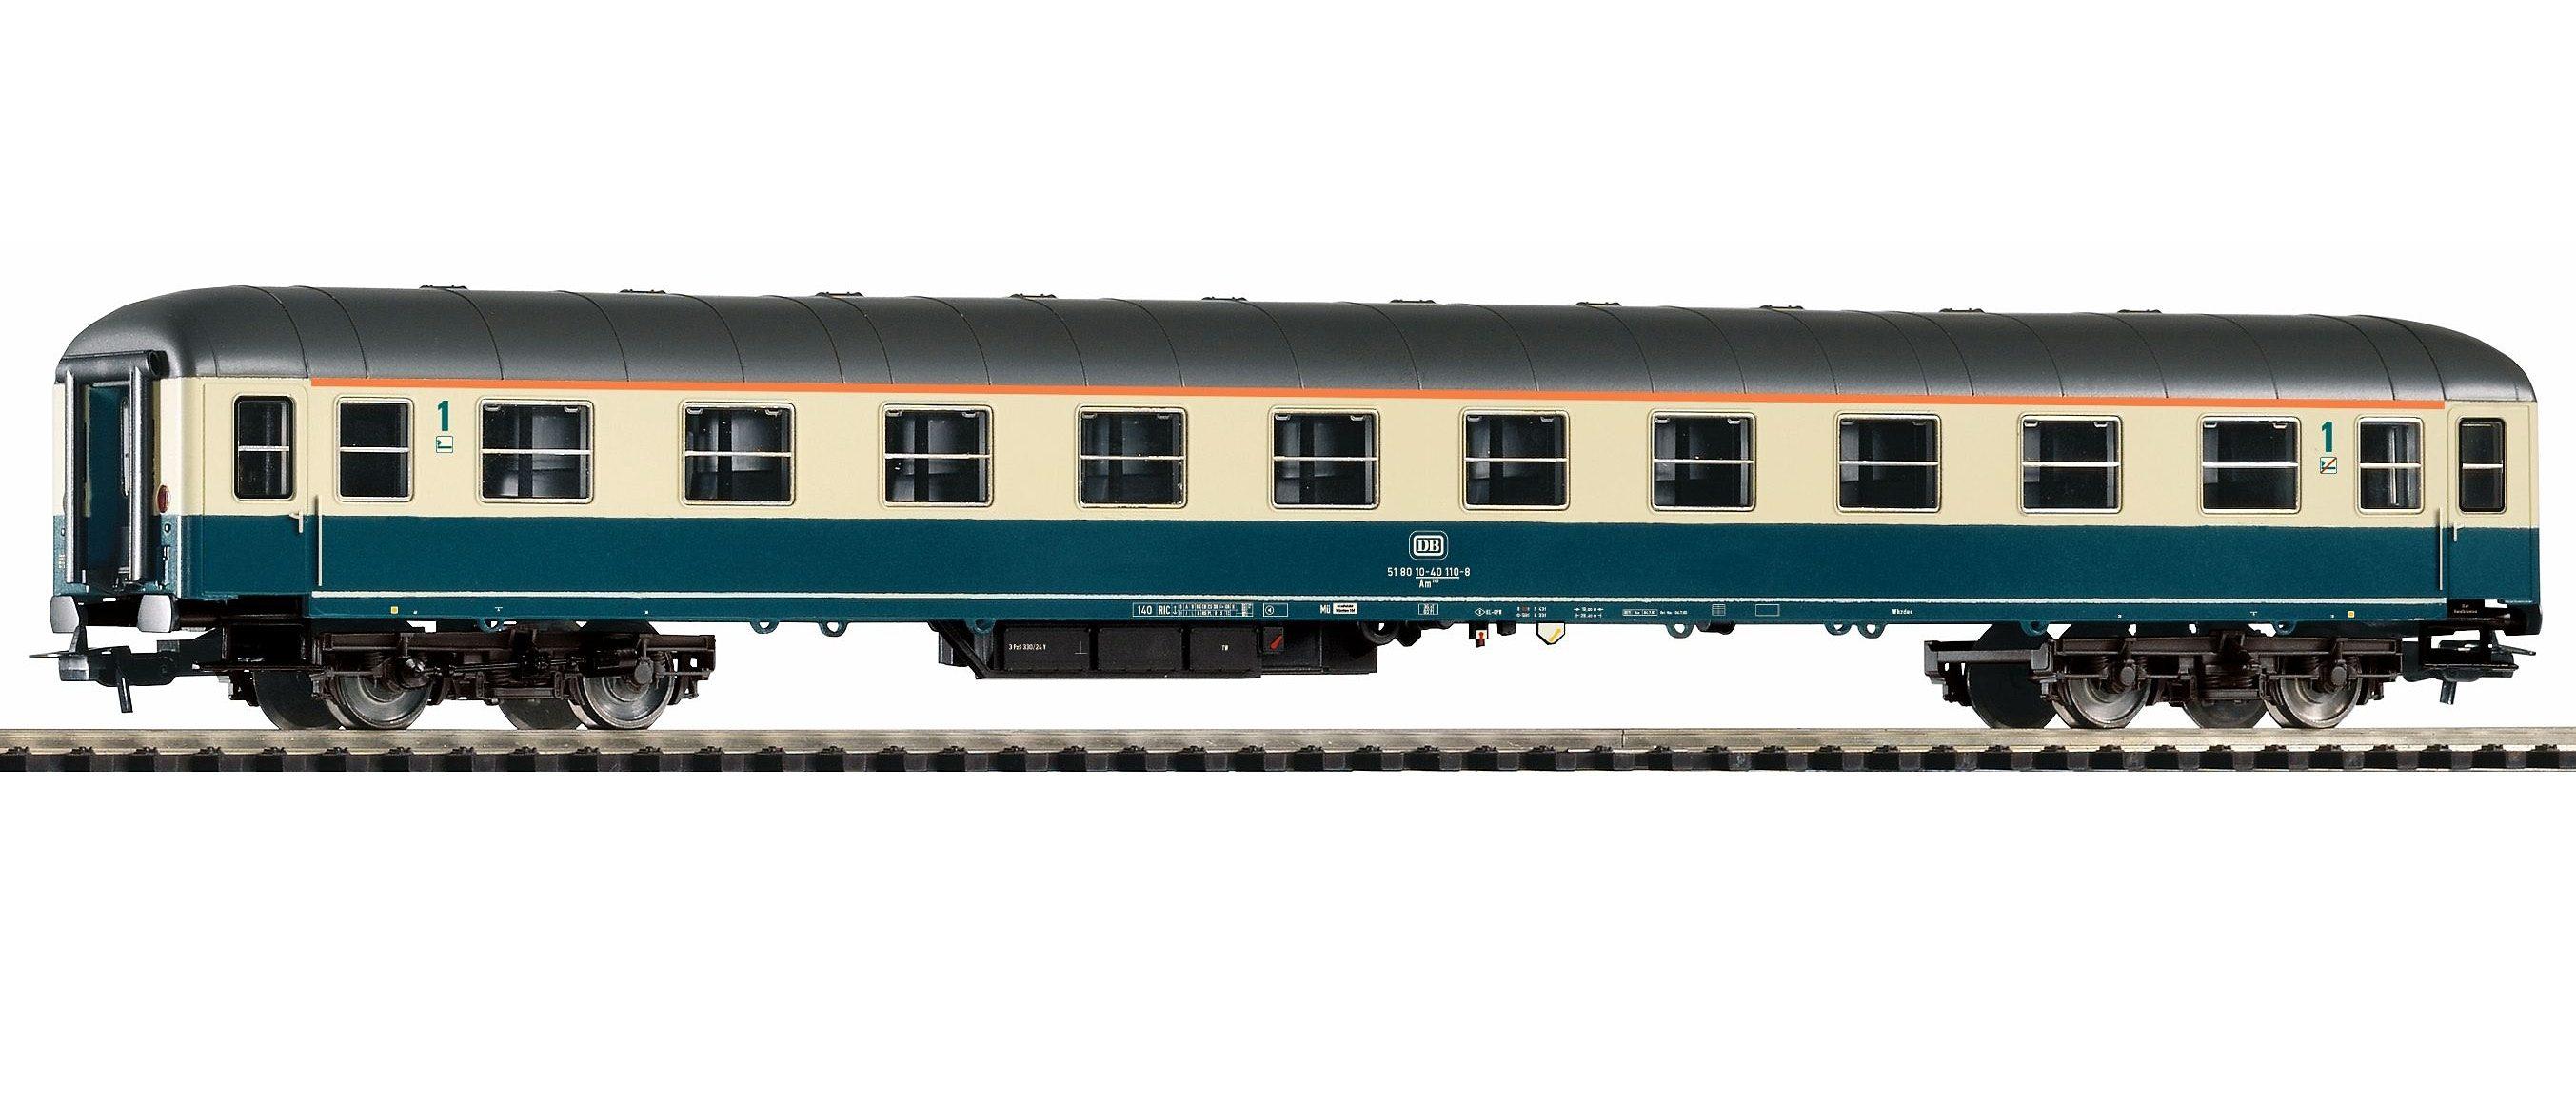 PIKO Personenwagen, »Schnellzugwagen 1.Klasse Am202, DB - Gleichstrom« Spur H0